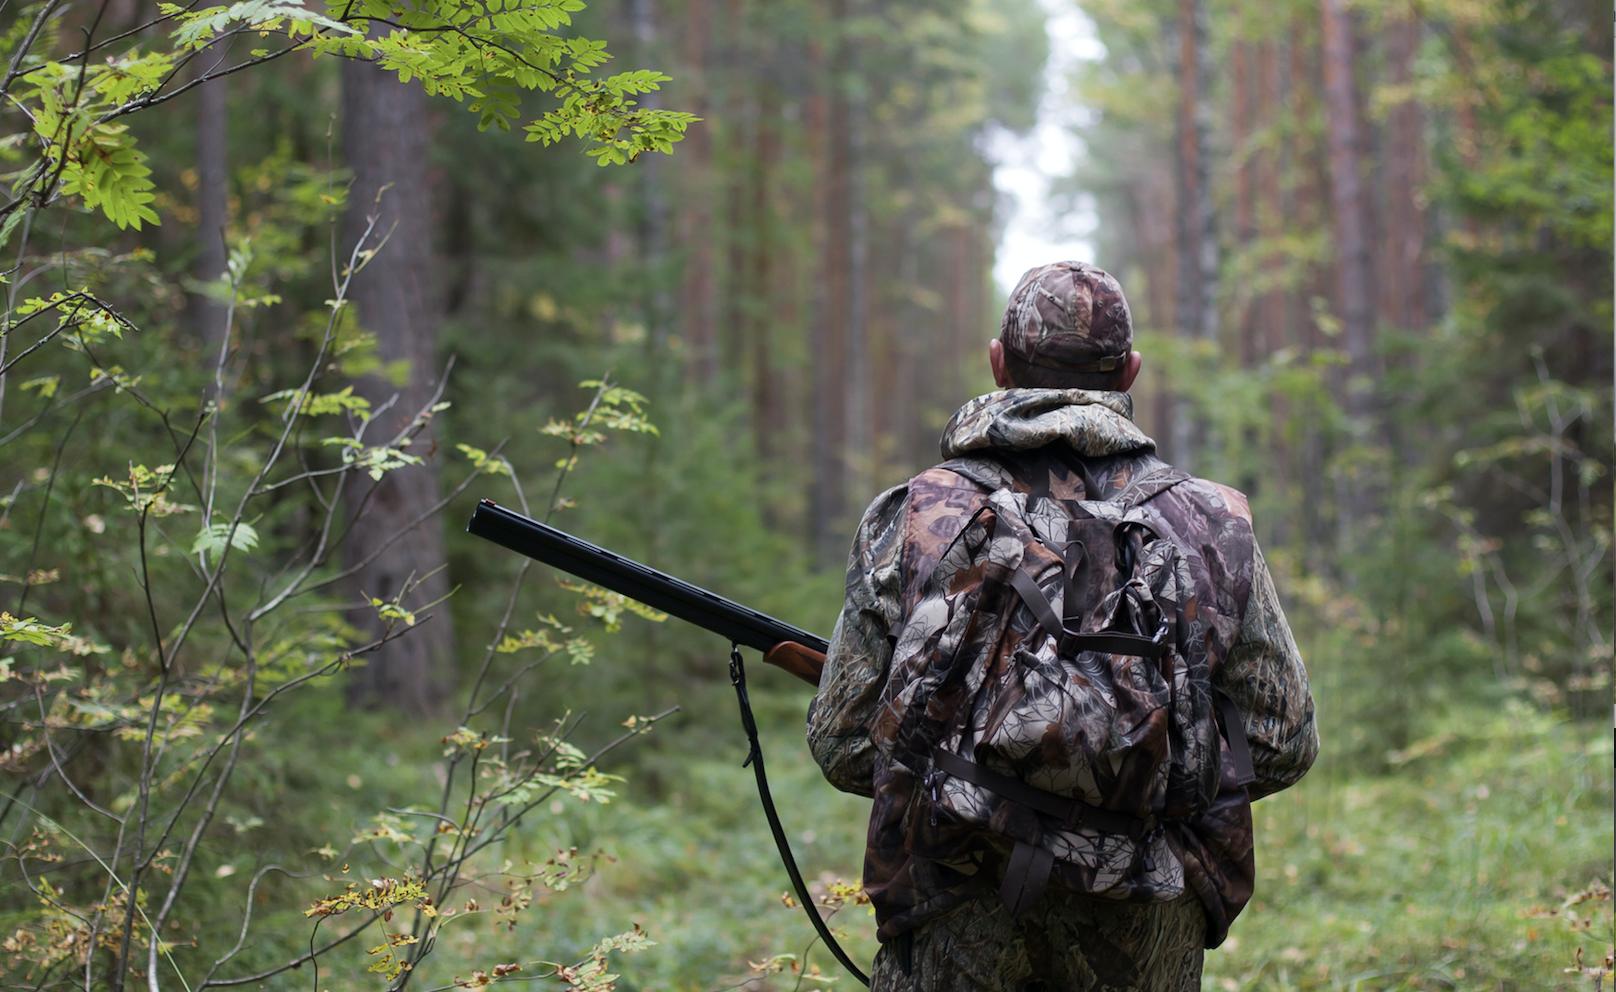 La Guida - Le associazioni ambientaliste chiedono di mantenere la sospensione della stagione venatoria